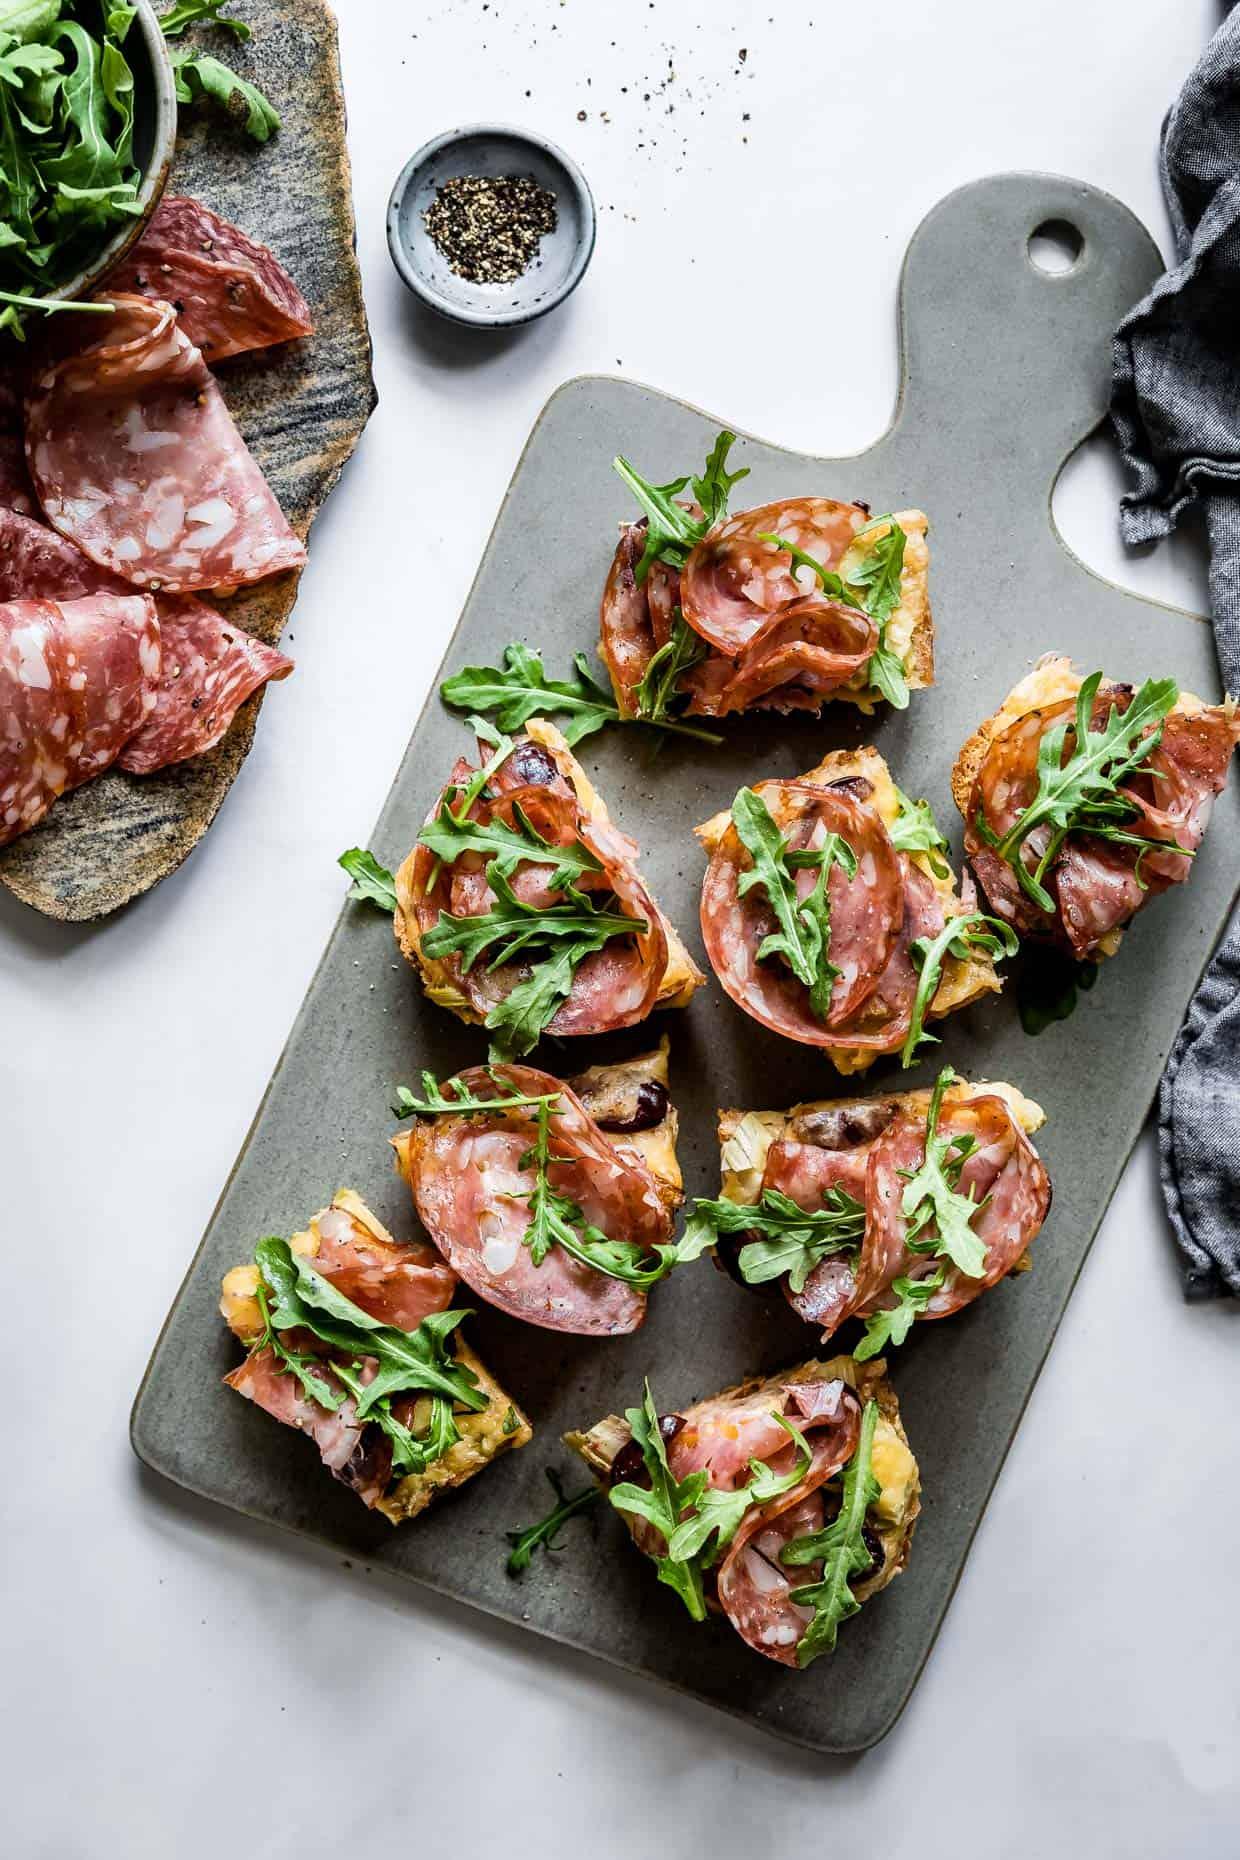 Loaded Smoked Gouda Garlic Bread #garlicbread #fathersday #recipe